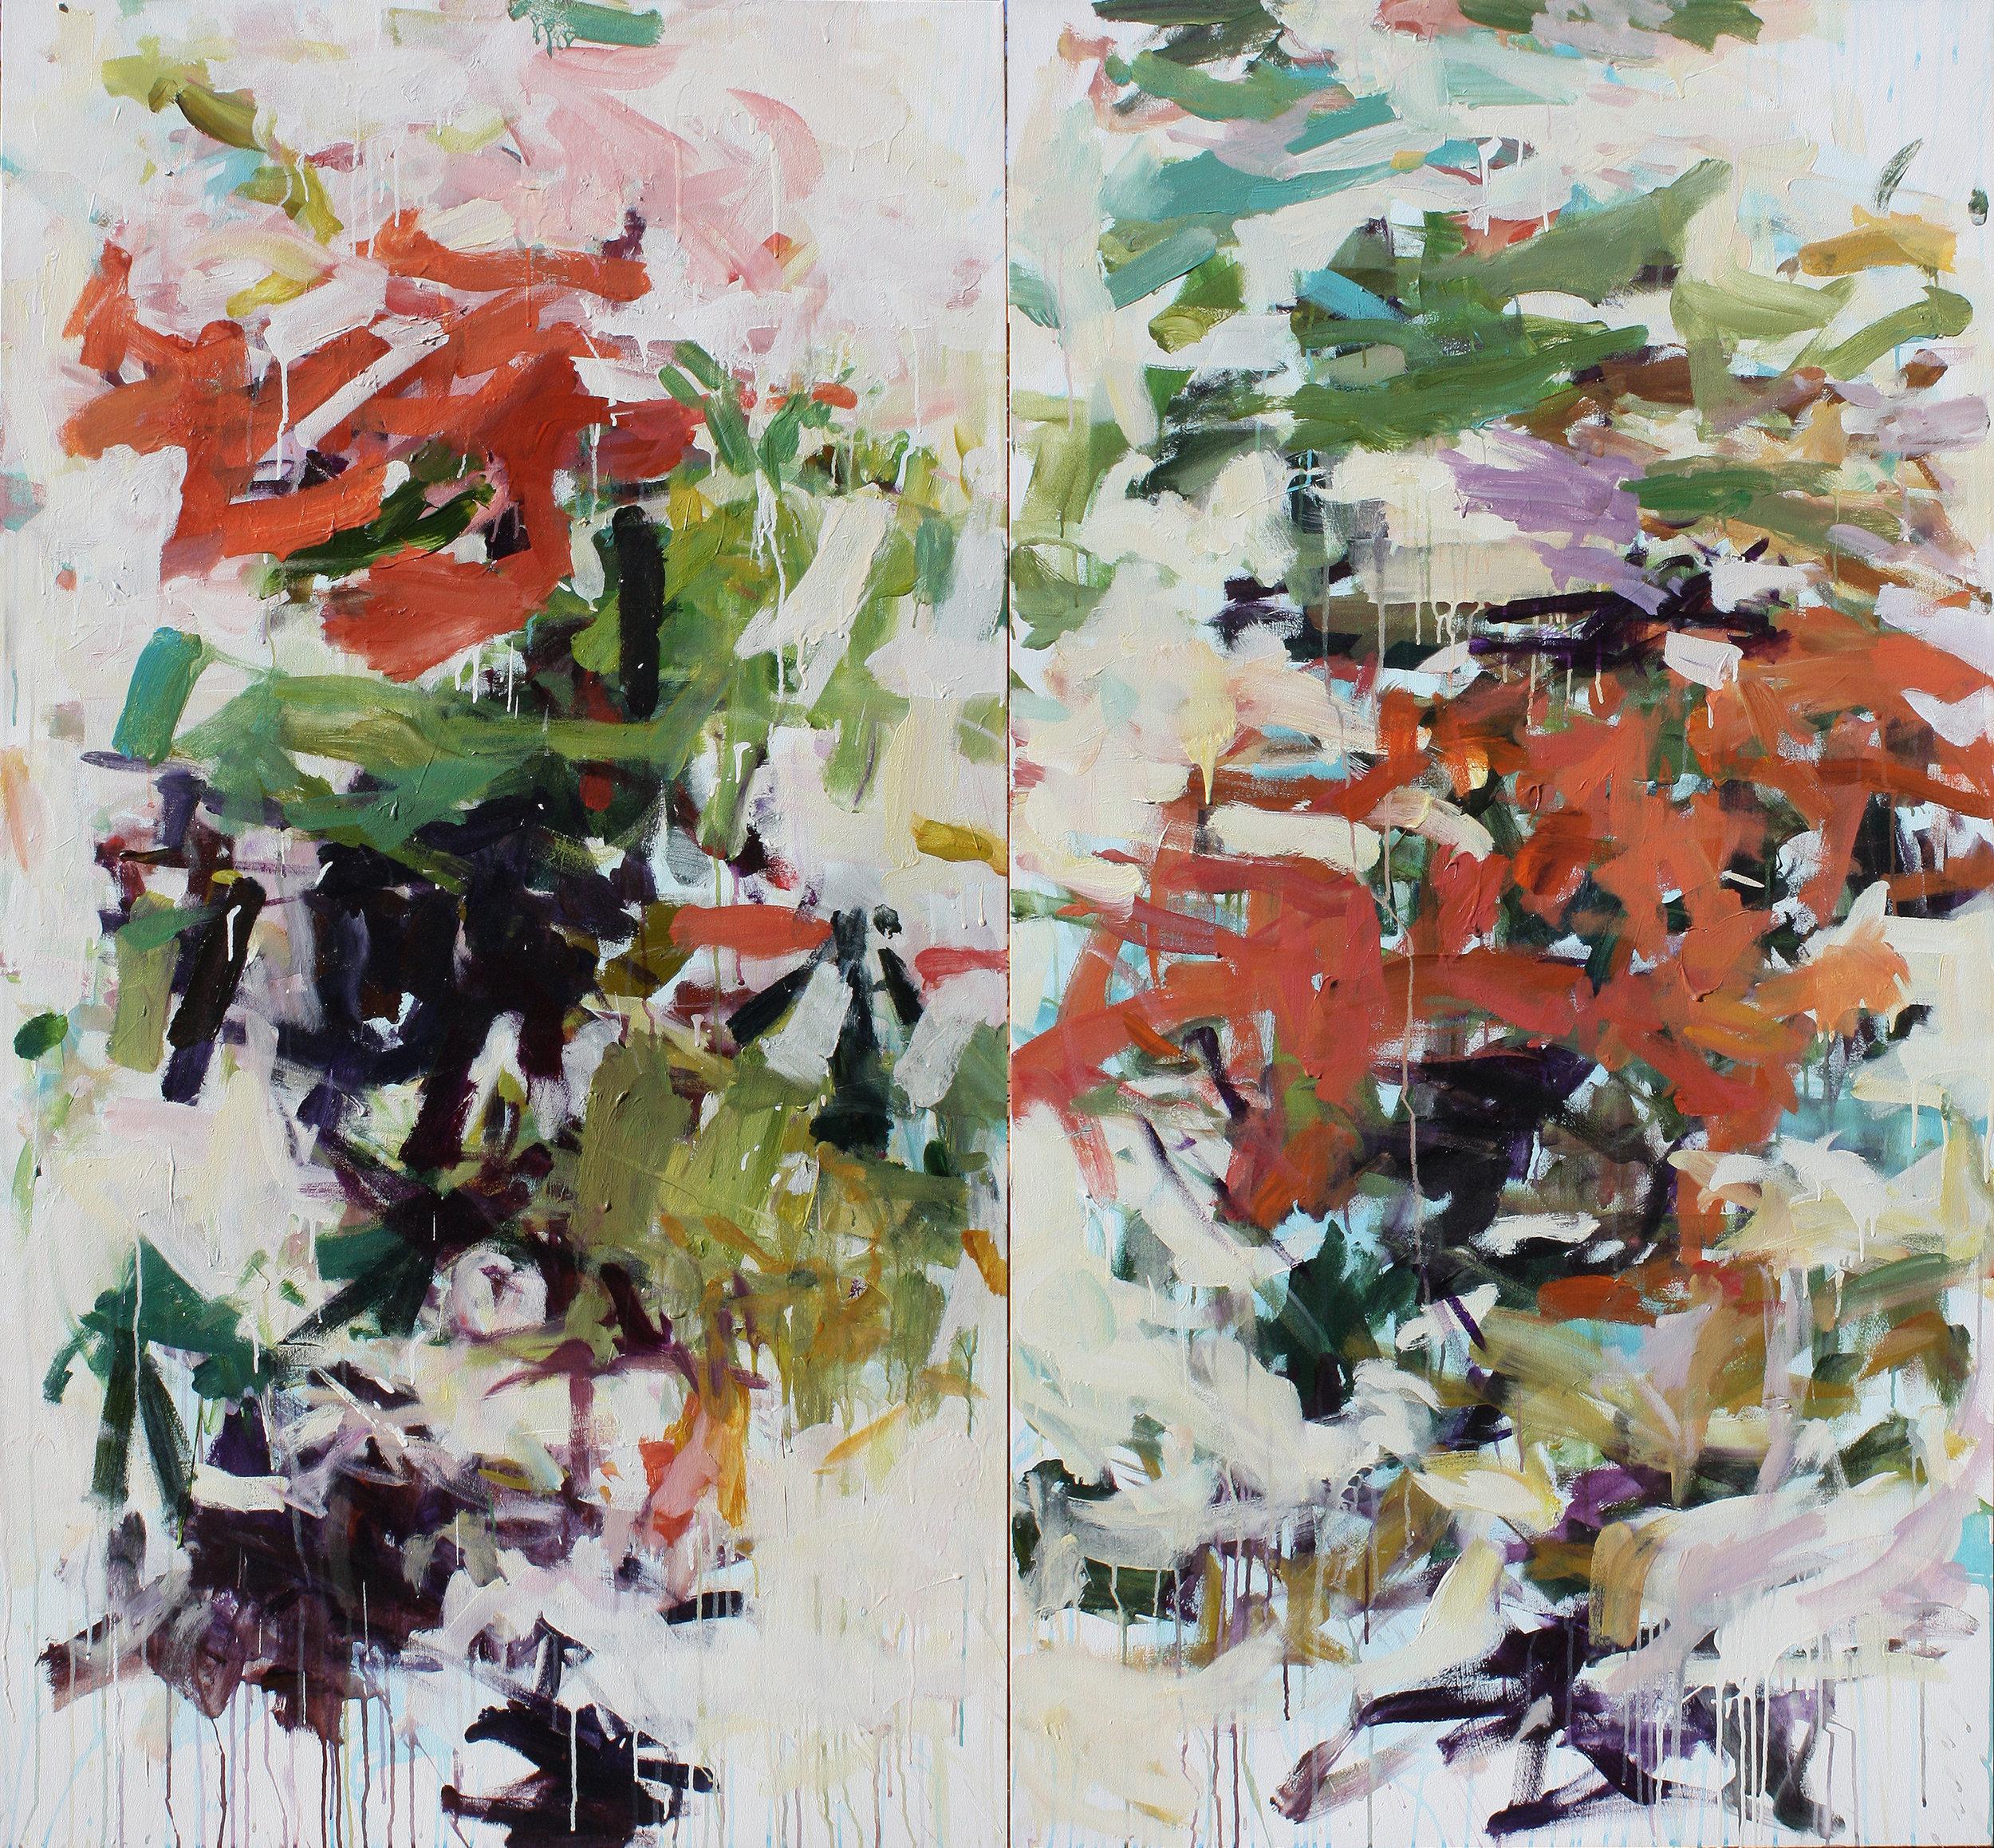 16-karen-silve-beijing-trees-68x72.jpg